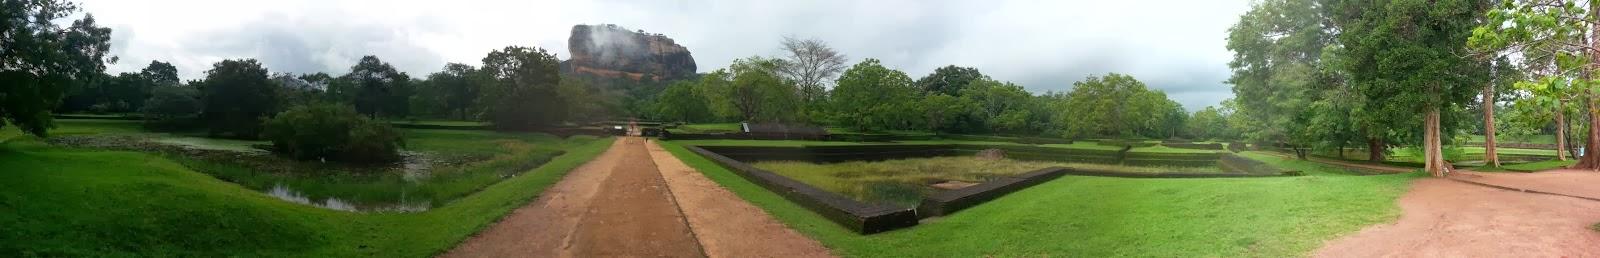 Сигирия Водяные Сады, Шри-Ланка, фото панорама высокого качества, бассейны, фонтаны, ландшафт